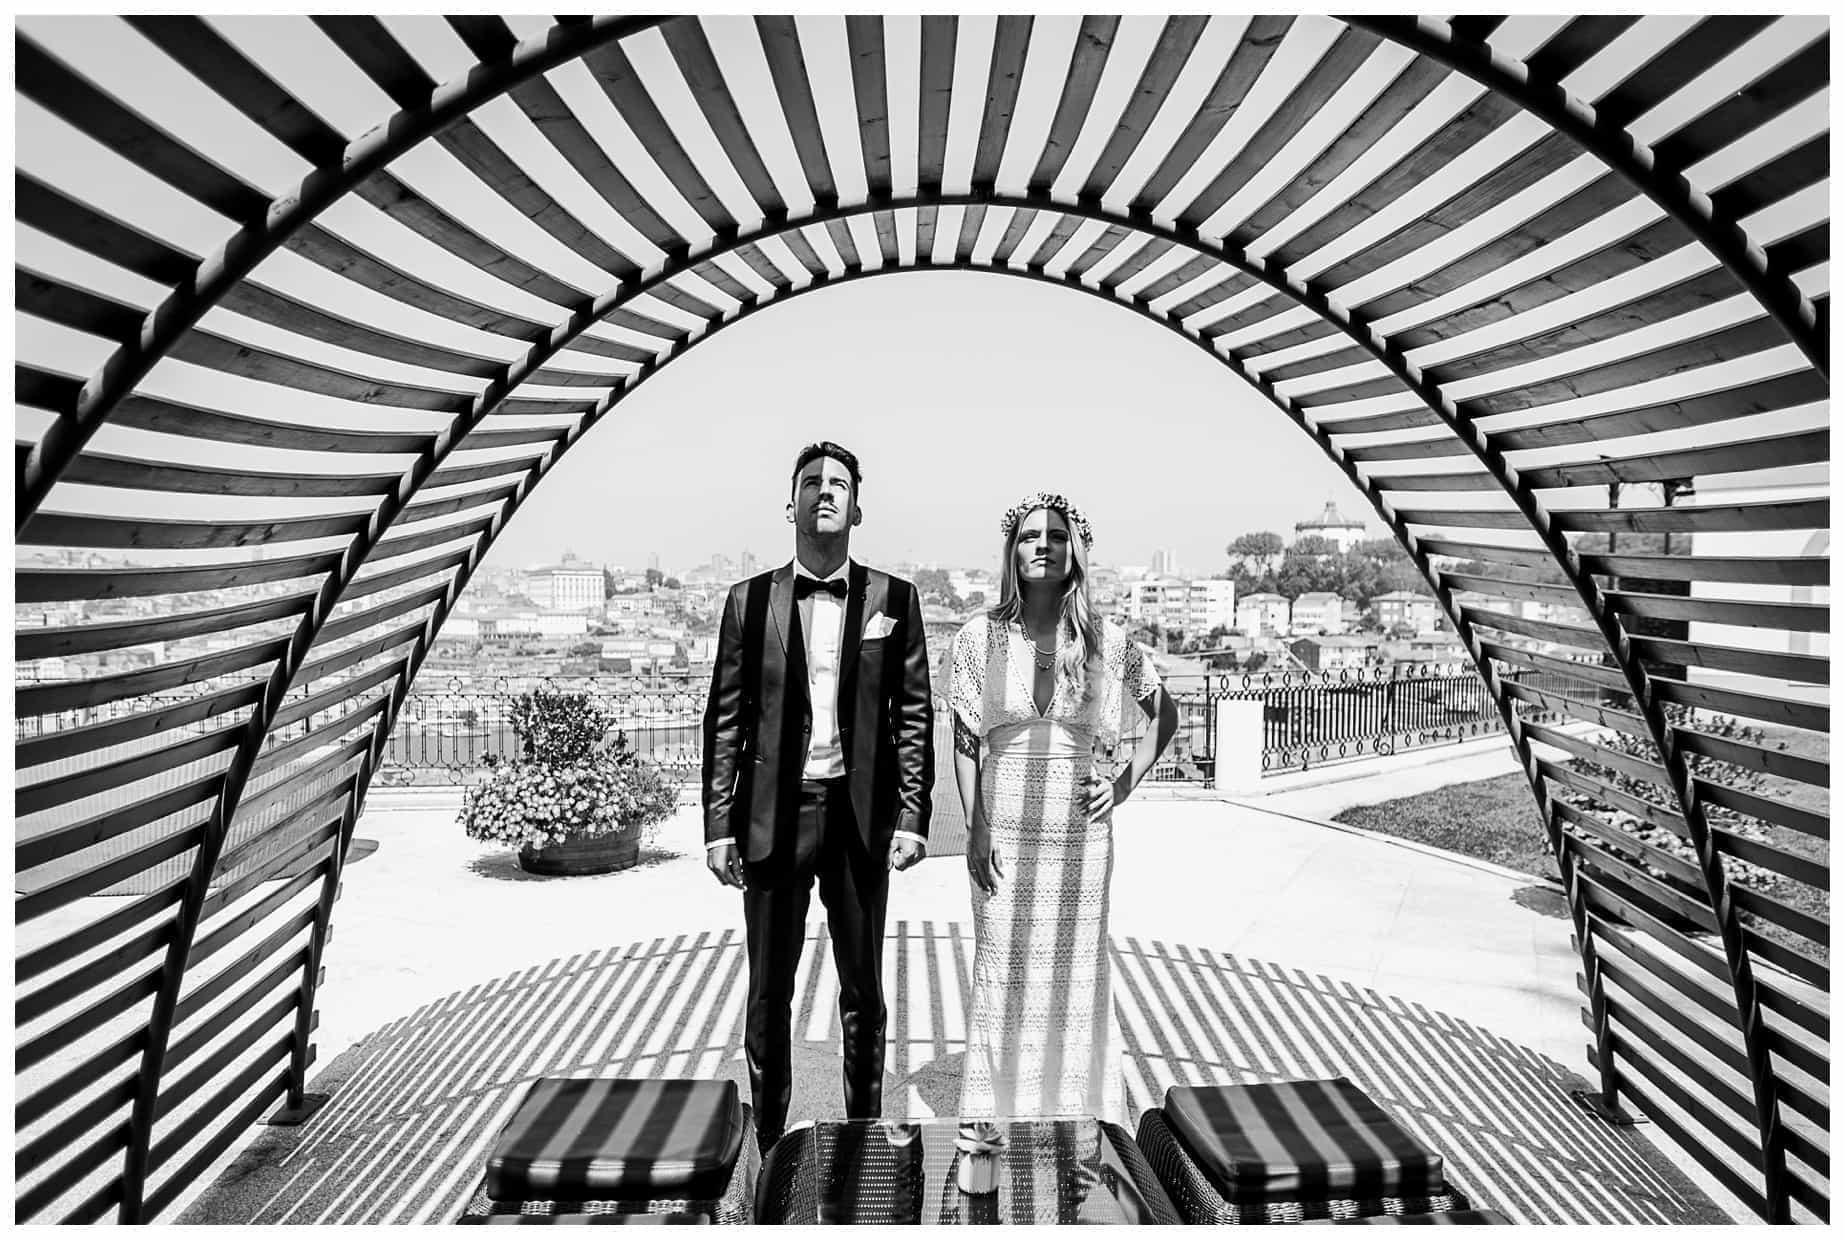 La boda en Oporto de Catarina & Sandro · Msanz Photographer